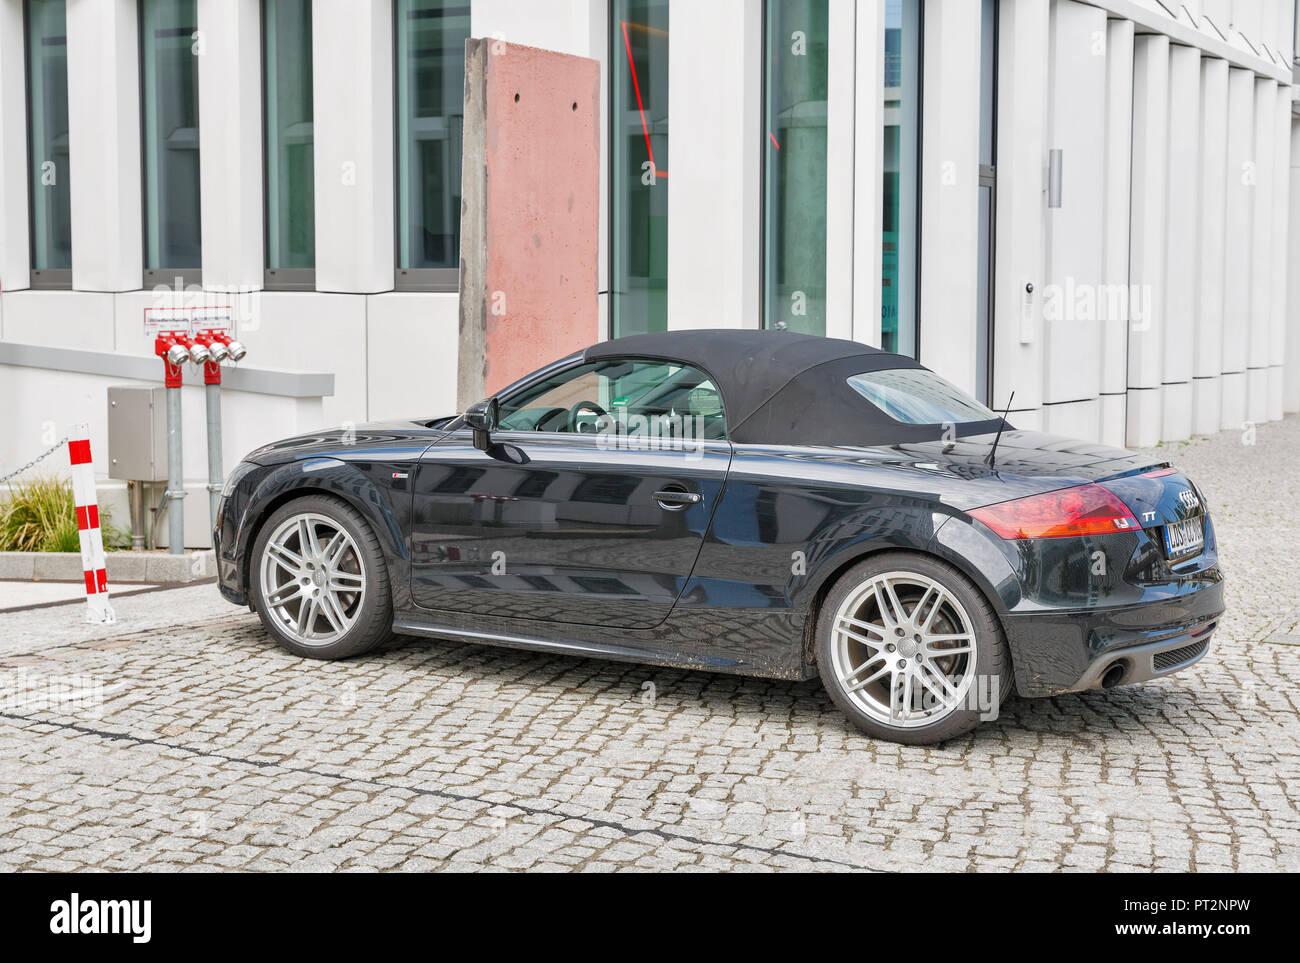 Berlin Germany July 13 2018 Black Audy Tt 2 Door Sports Car